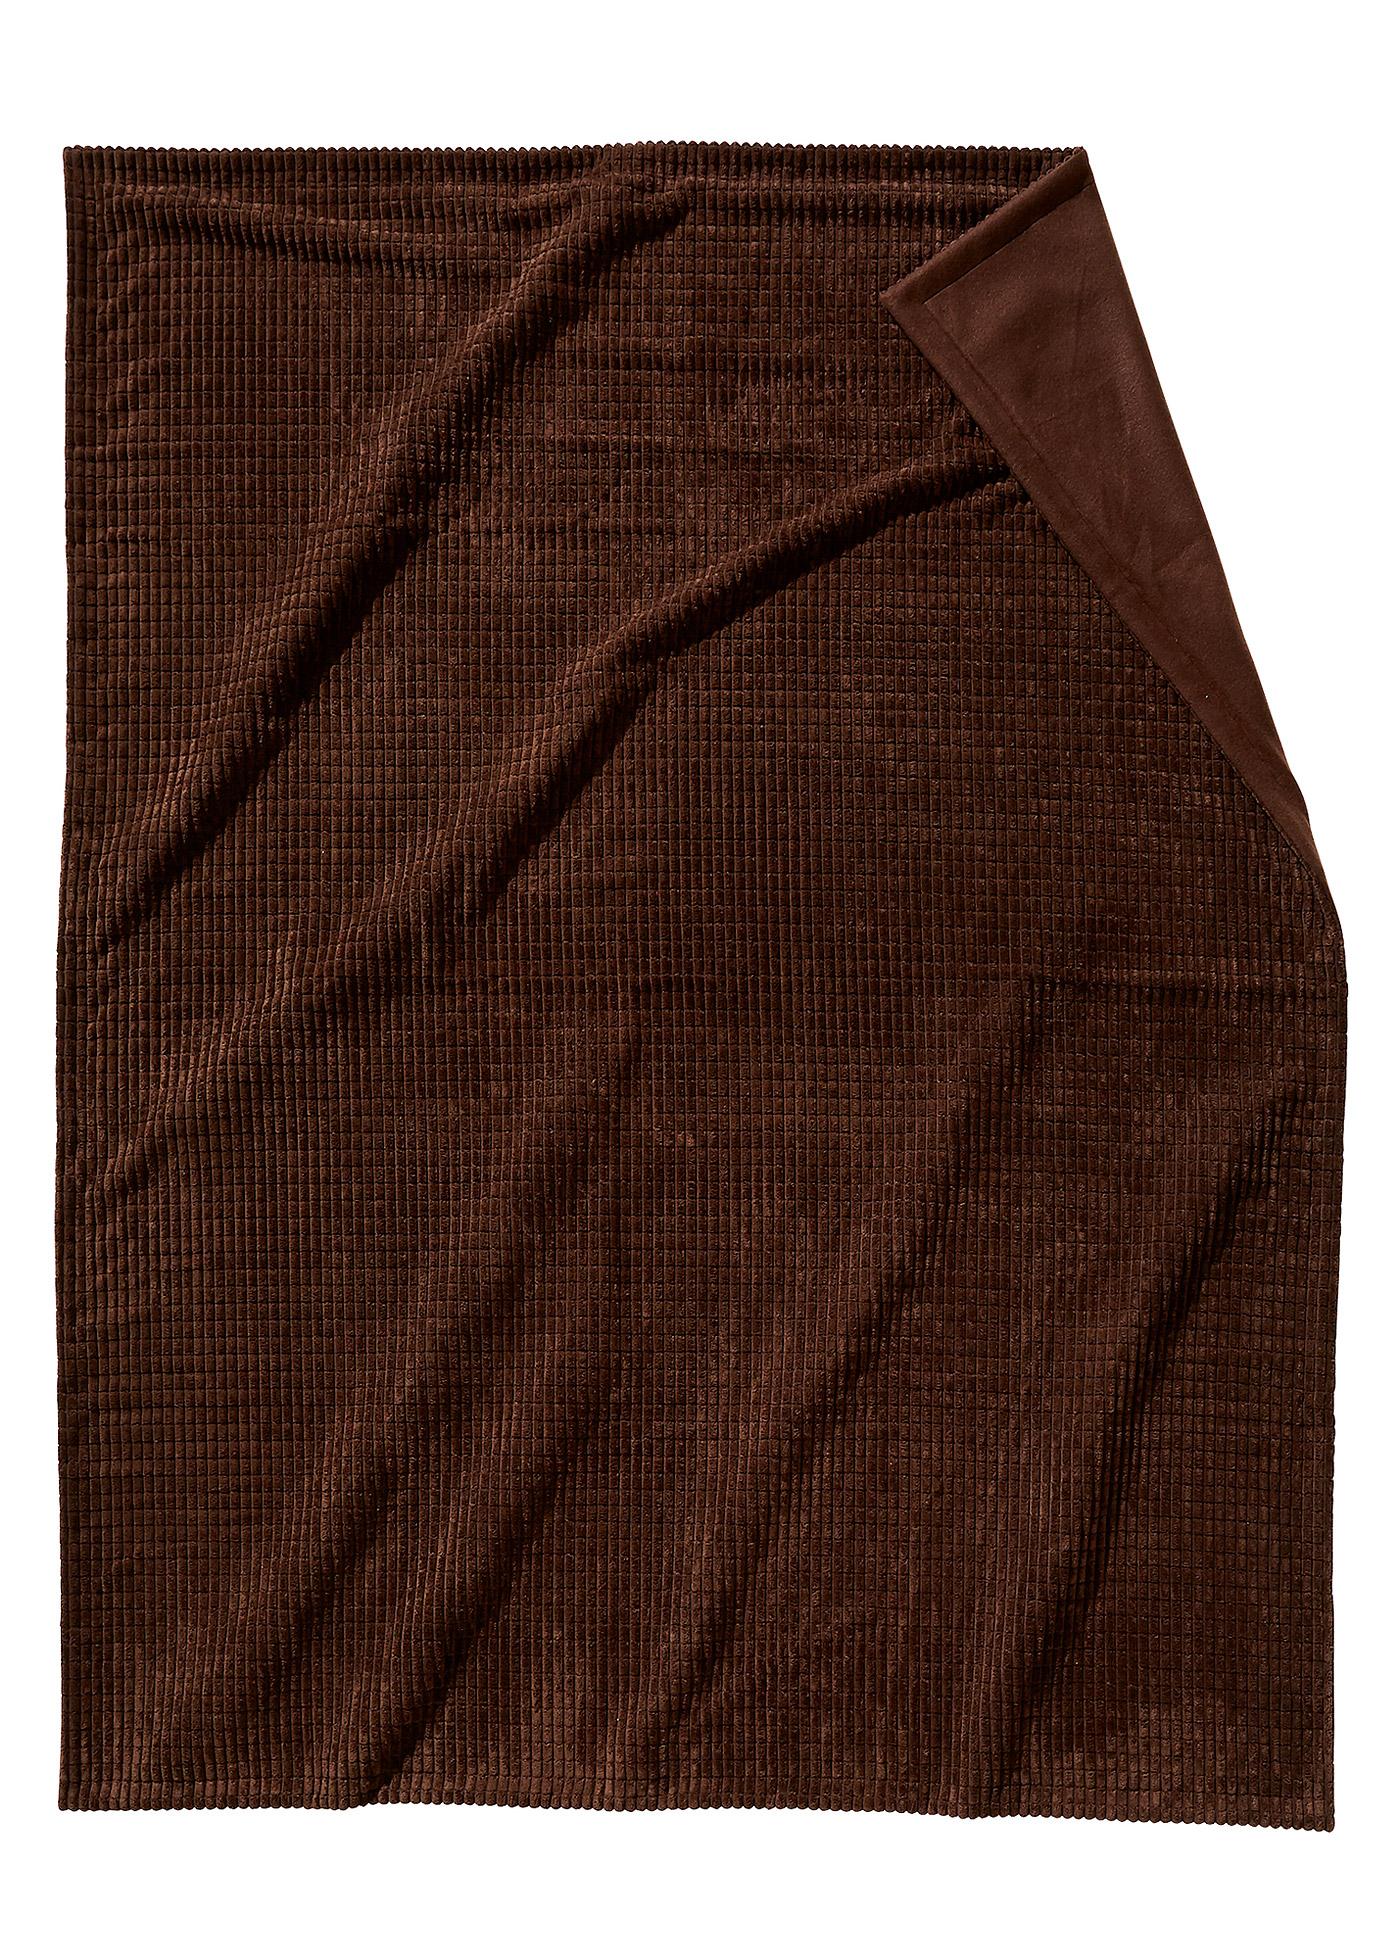 Achat couverture linge de maison maison et jardin discount page 1 - Couverture chauffante darty ...